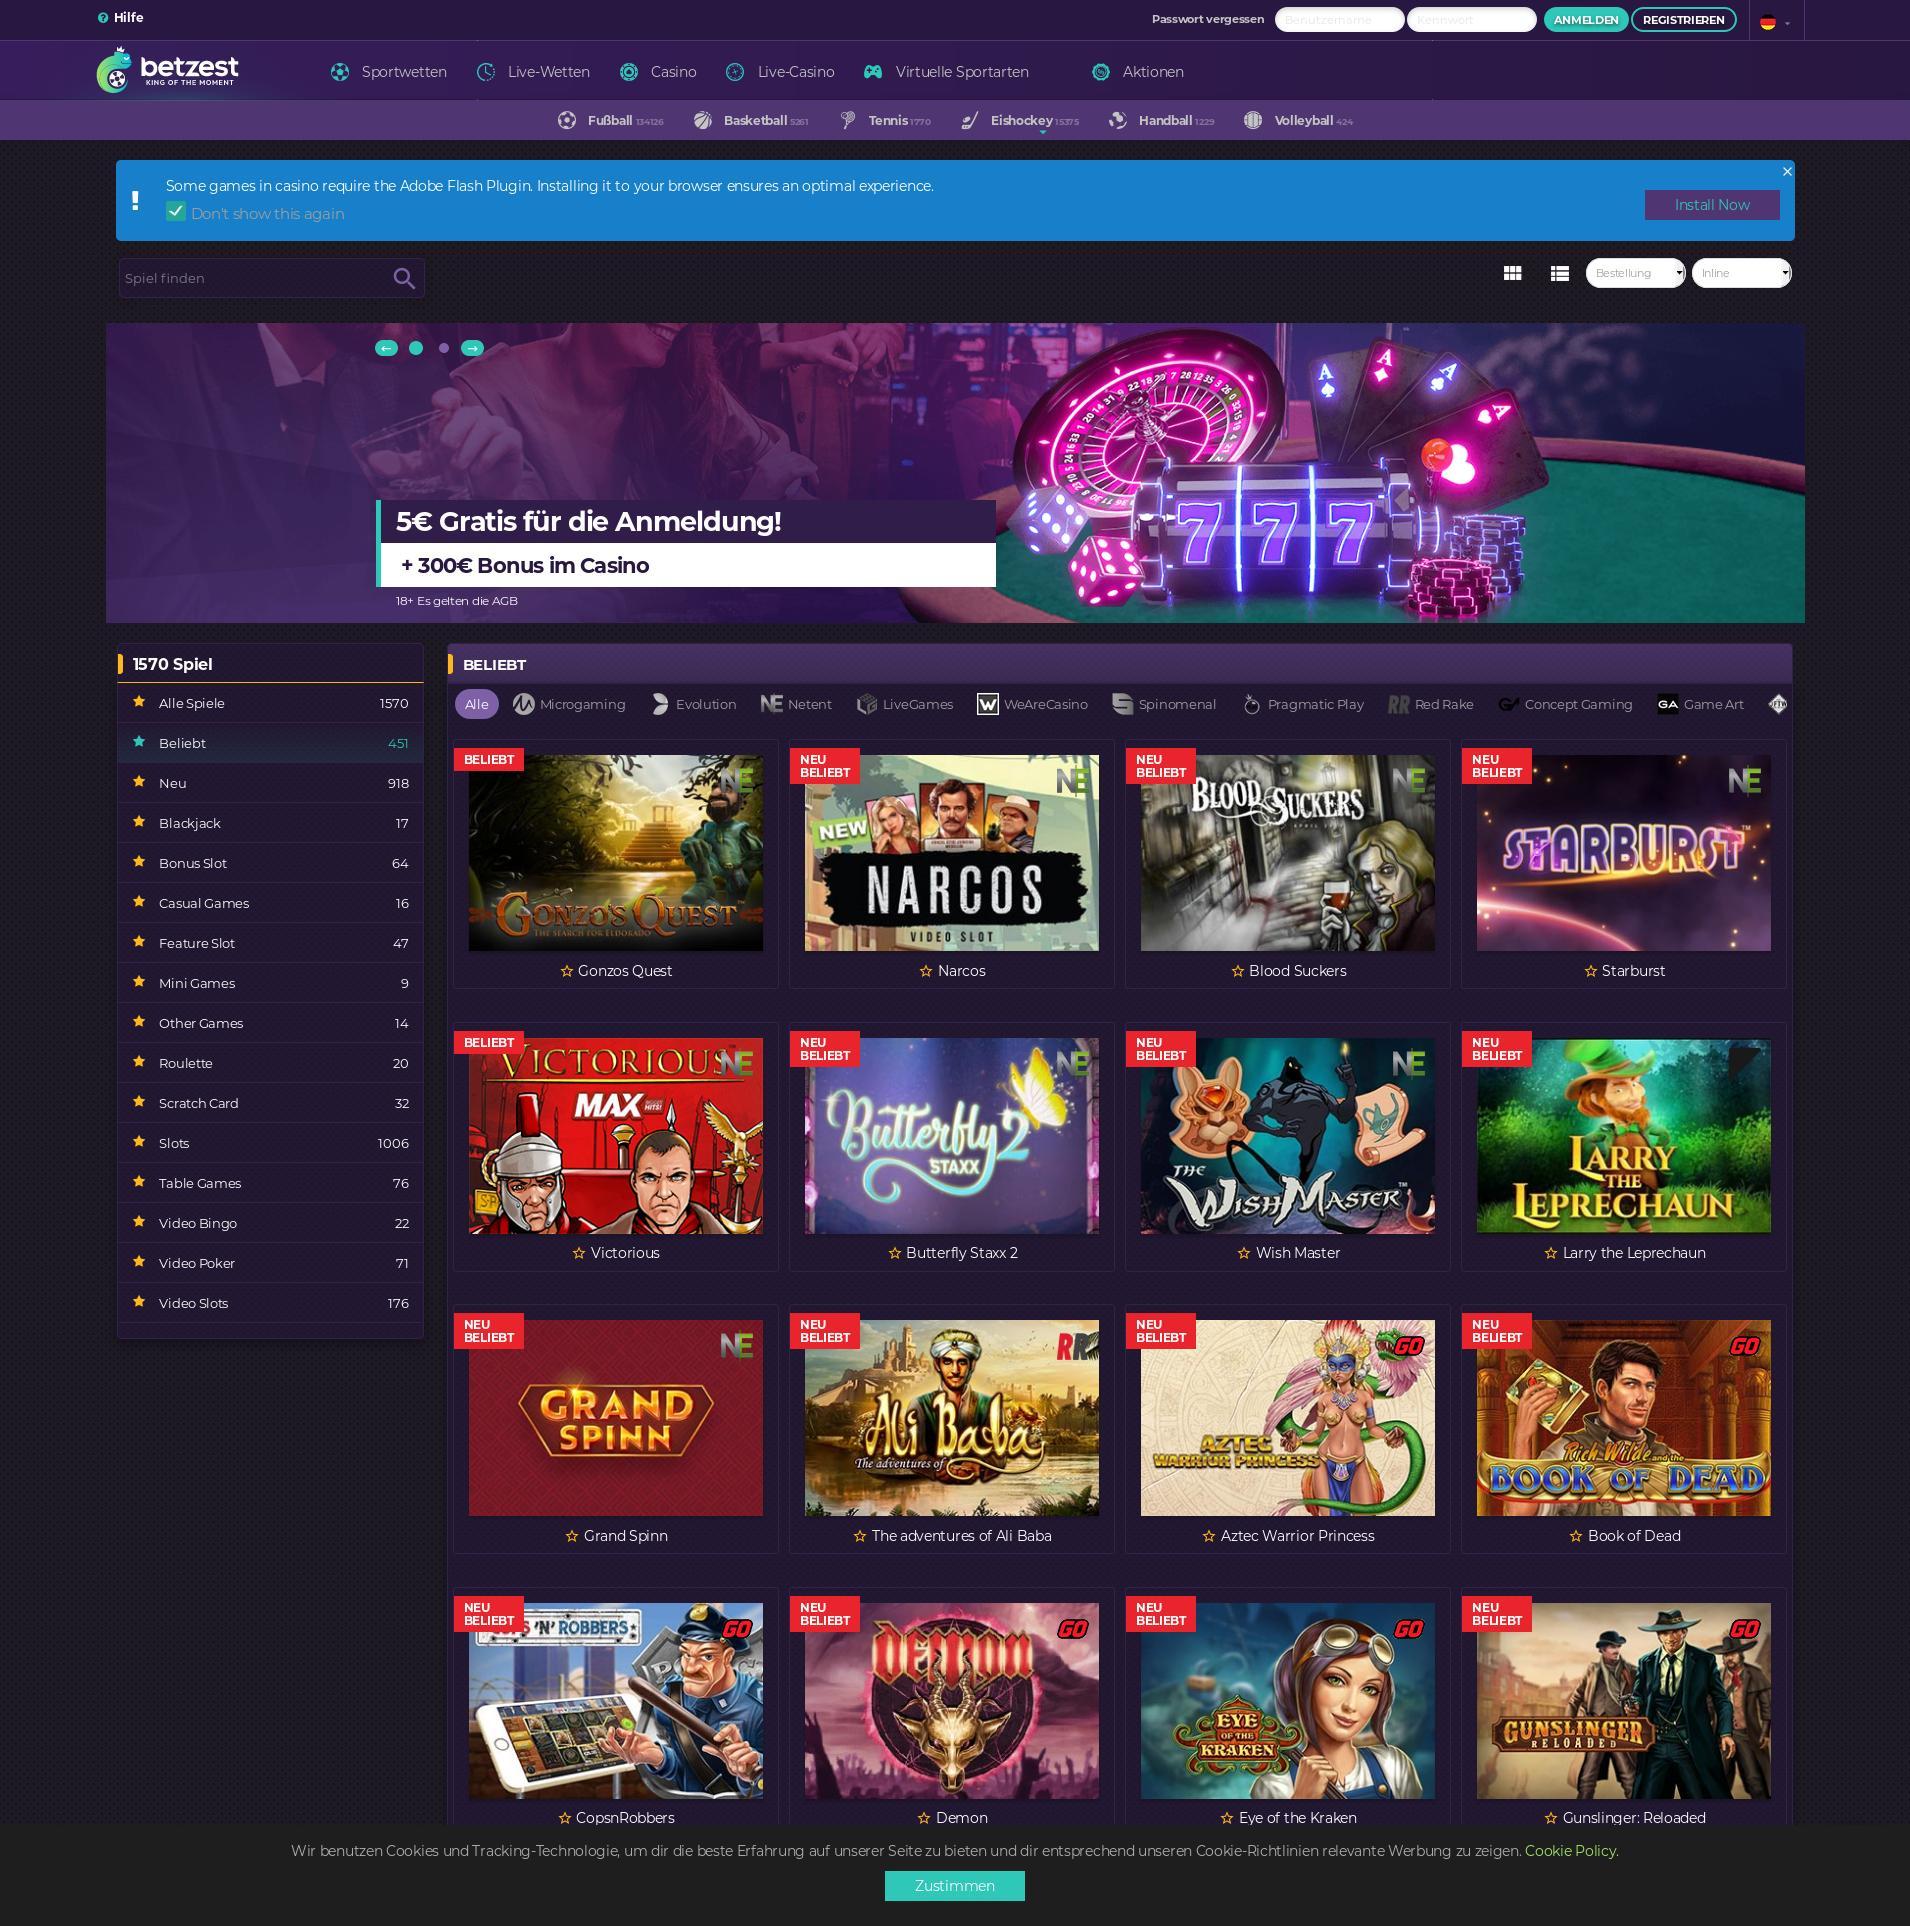 Casino Bildschirm Lobby 2019-10-18 zum Deutschland